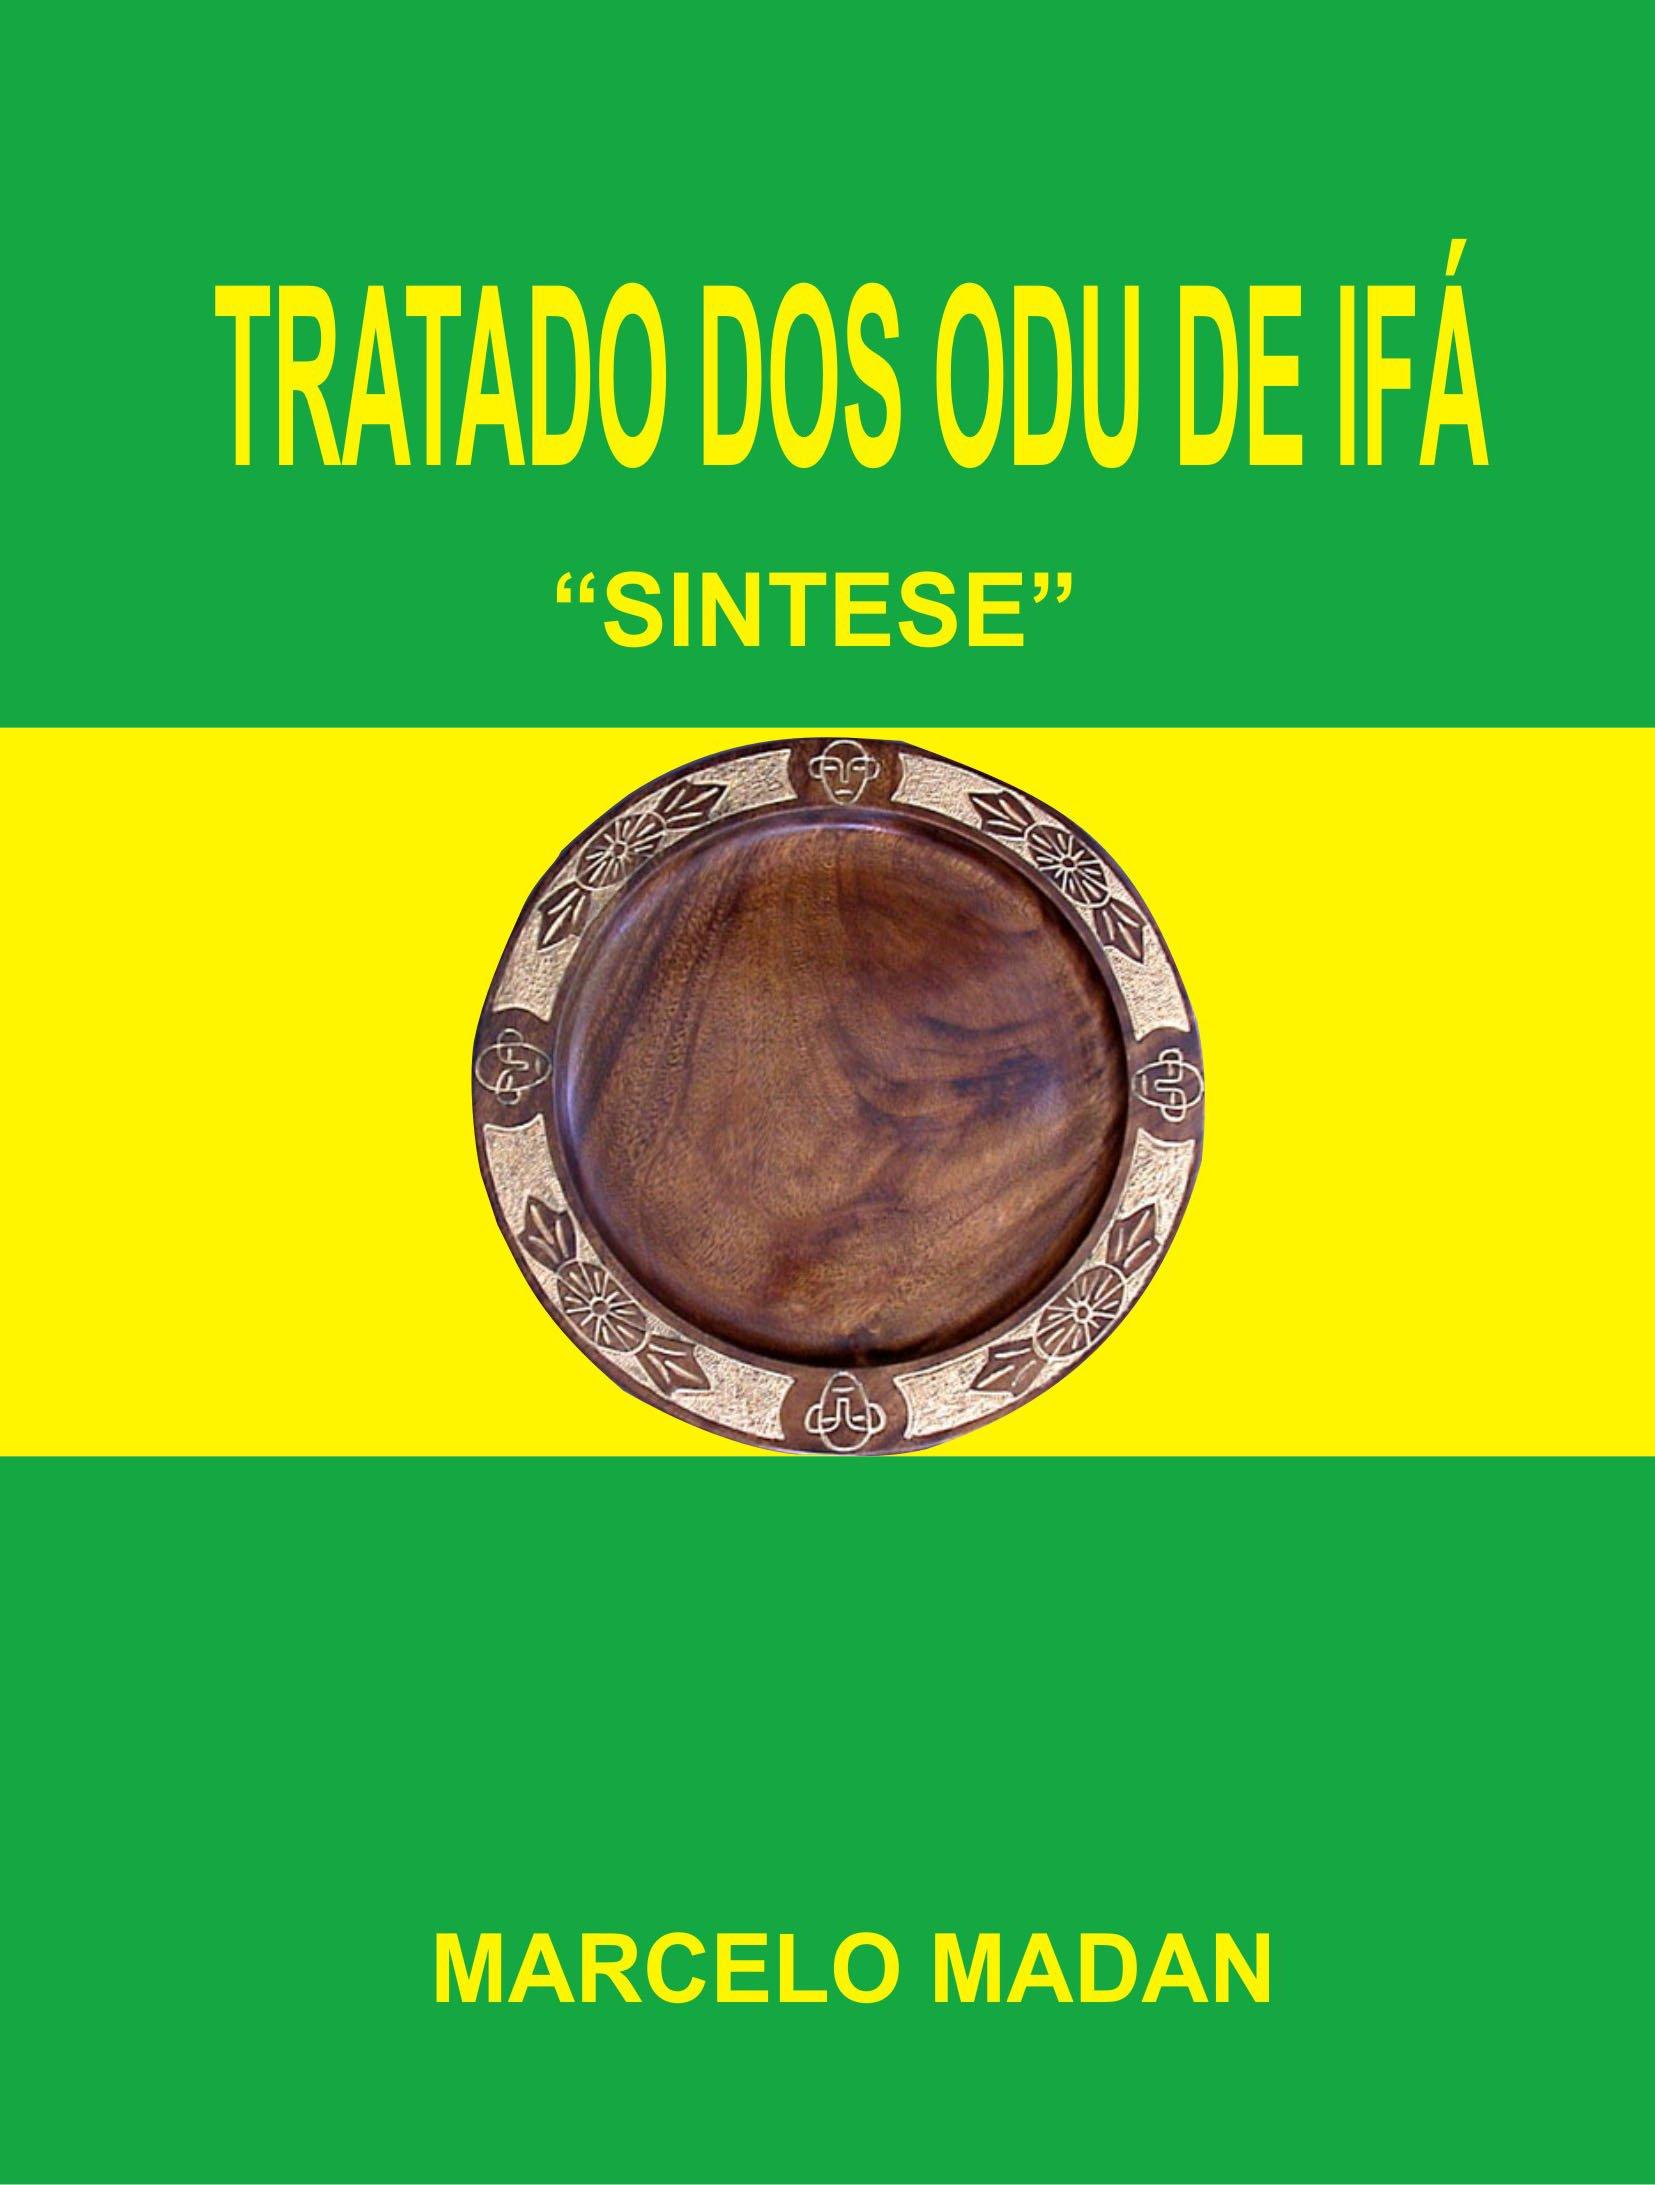 El Oráculo Sagrado de Ifá